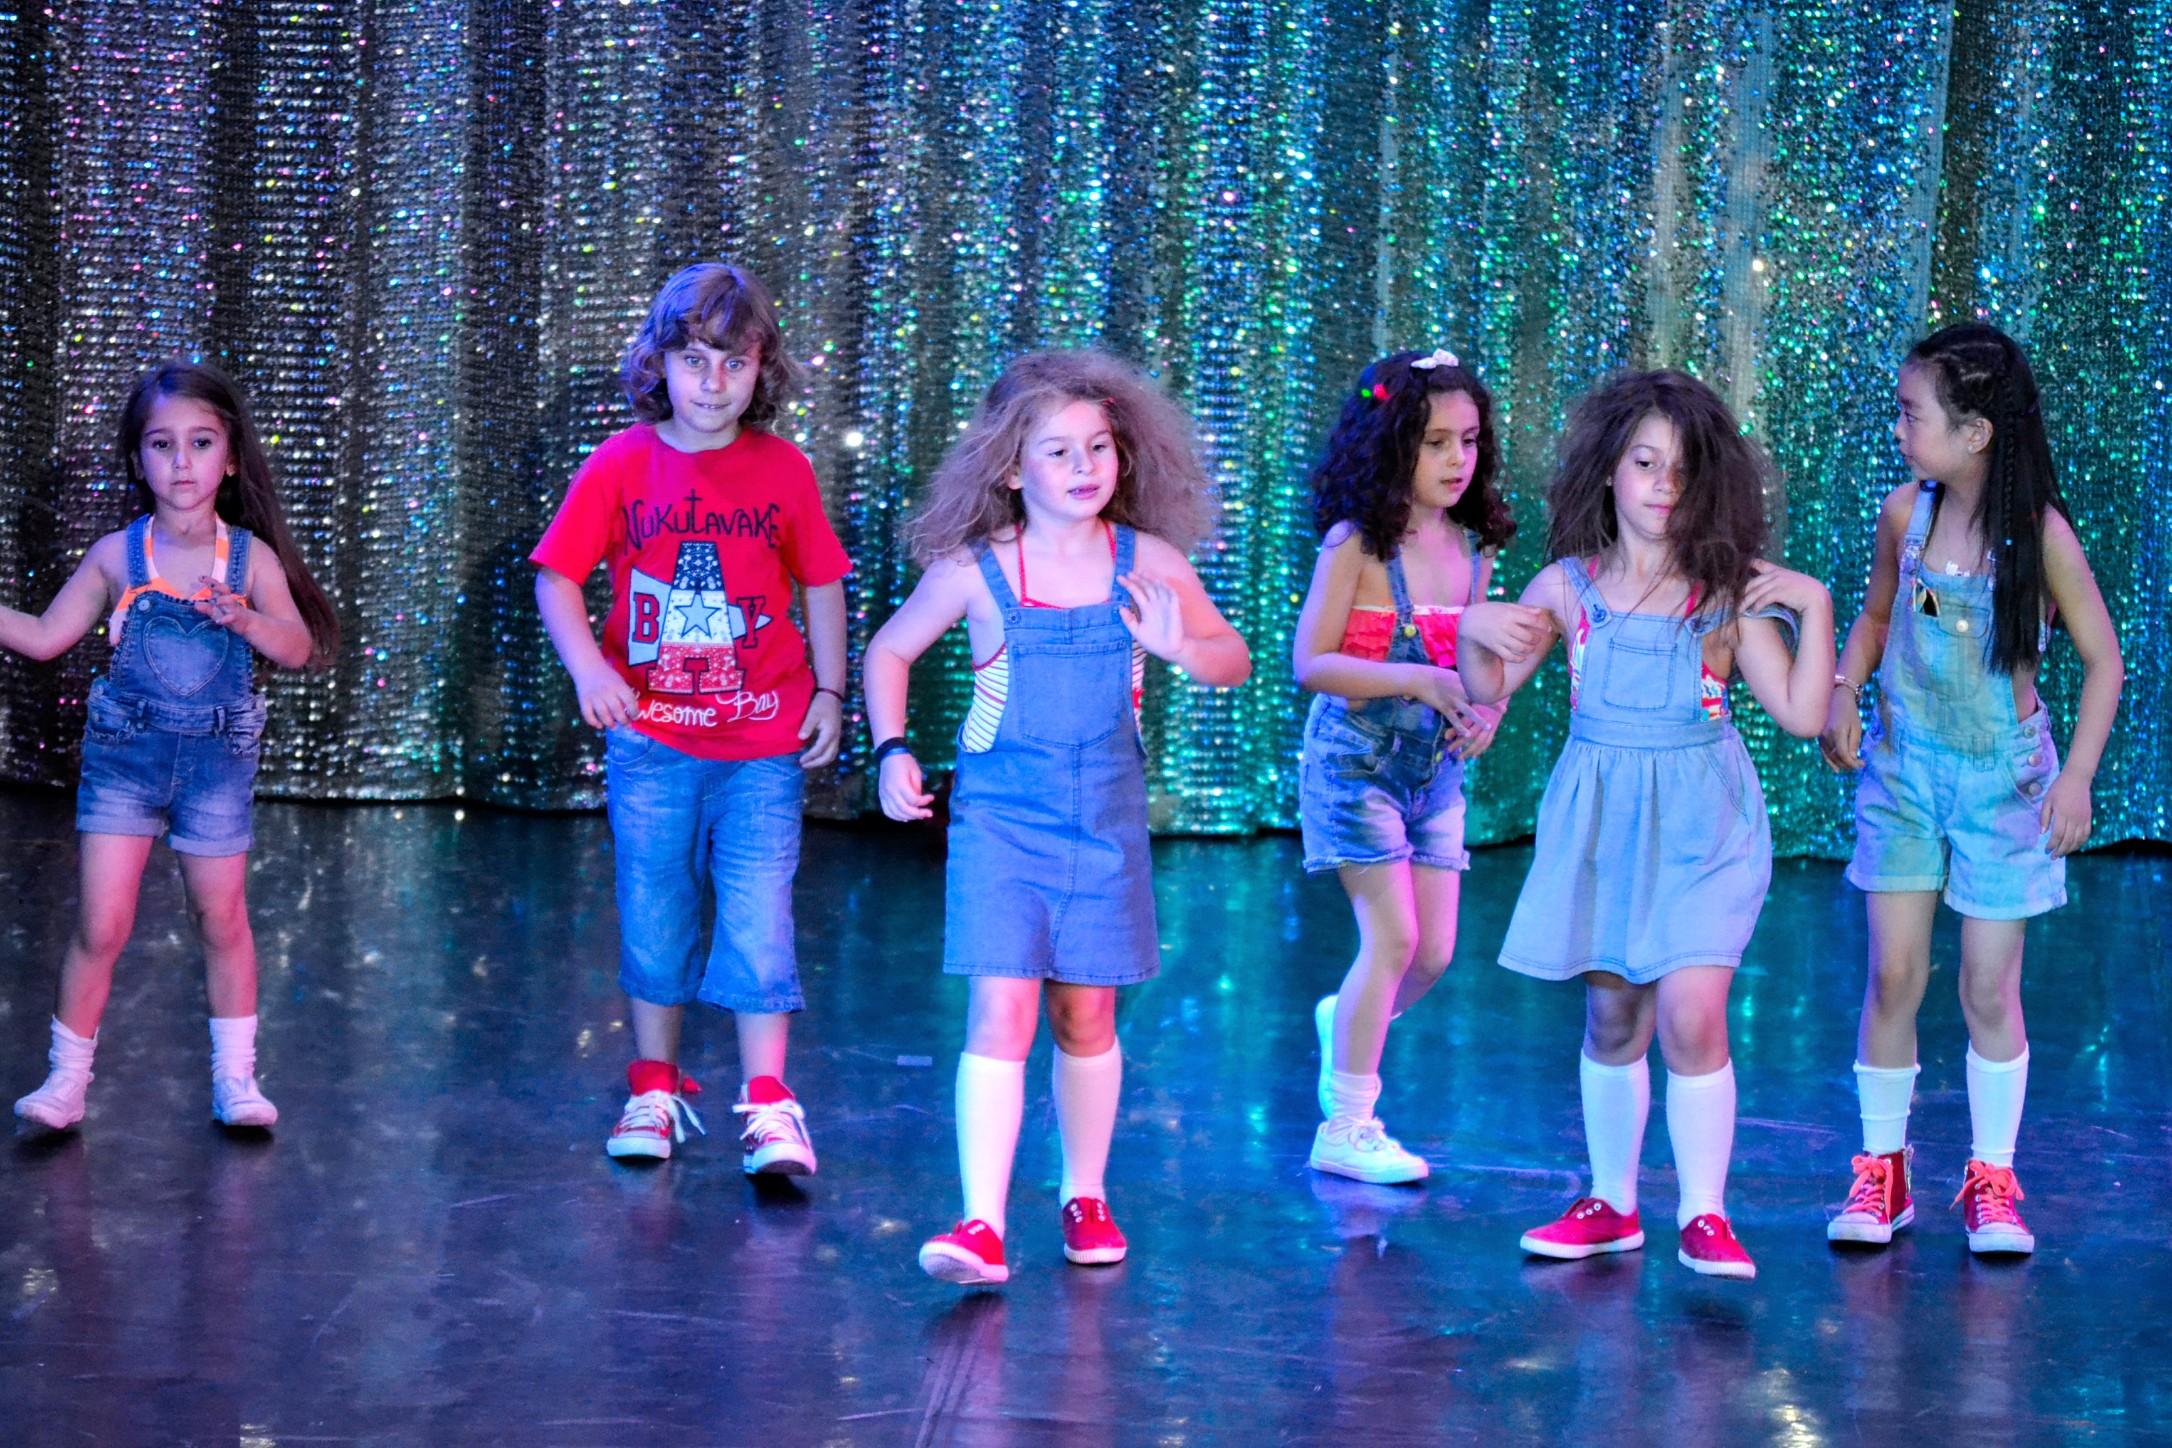 Linea-de-Baile-festival-verano-2015-clases-de-baile-valencia-40